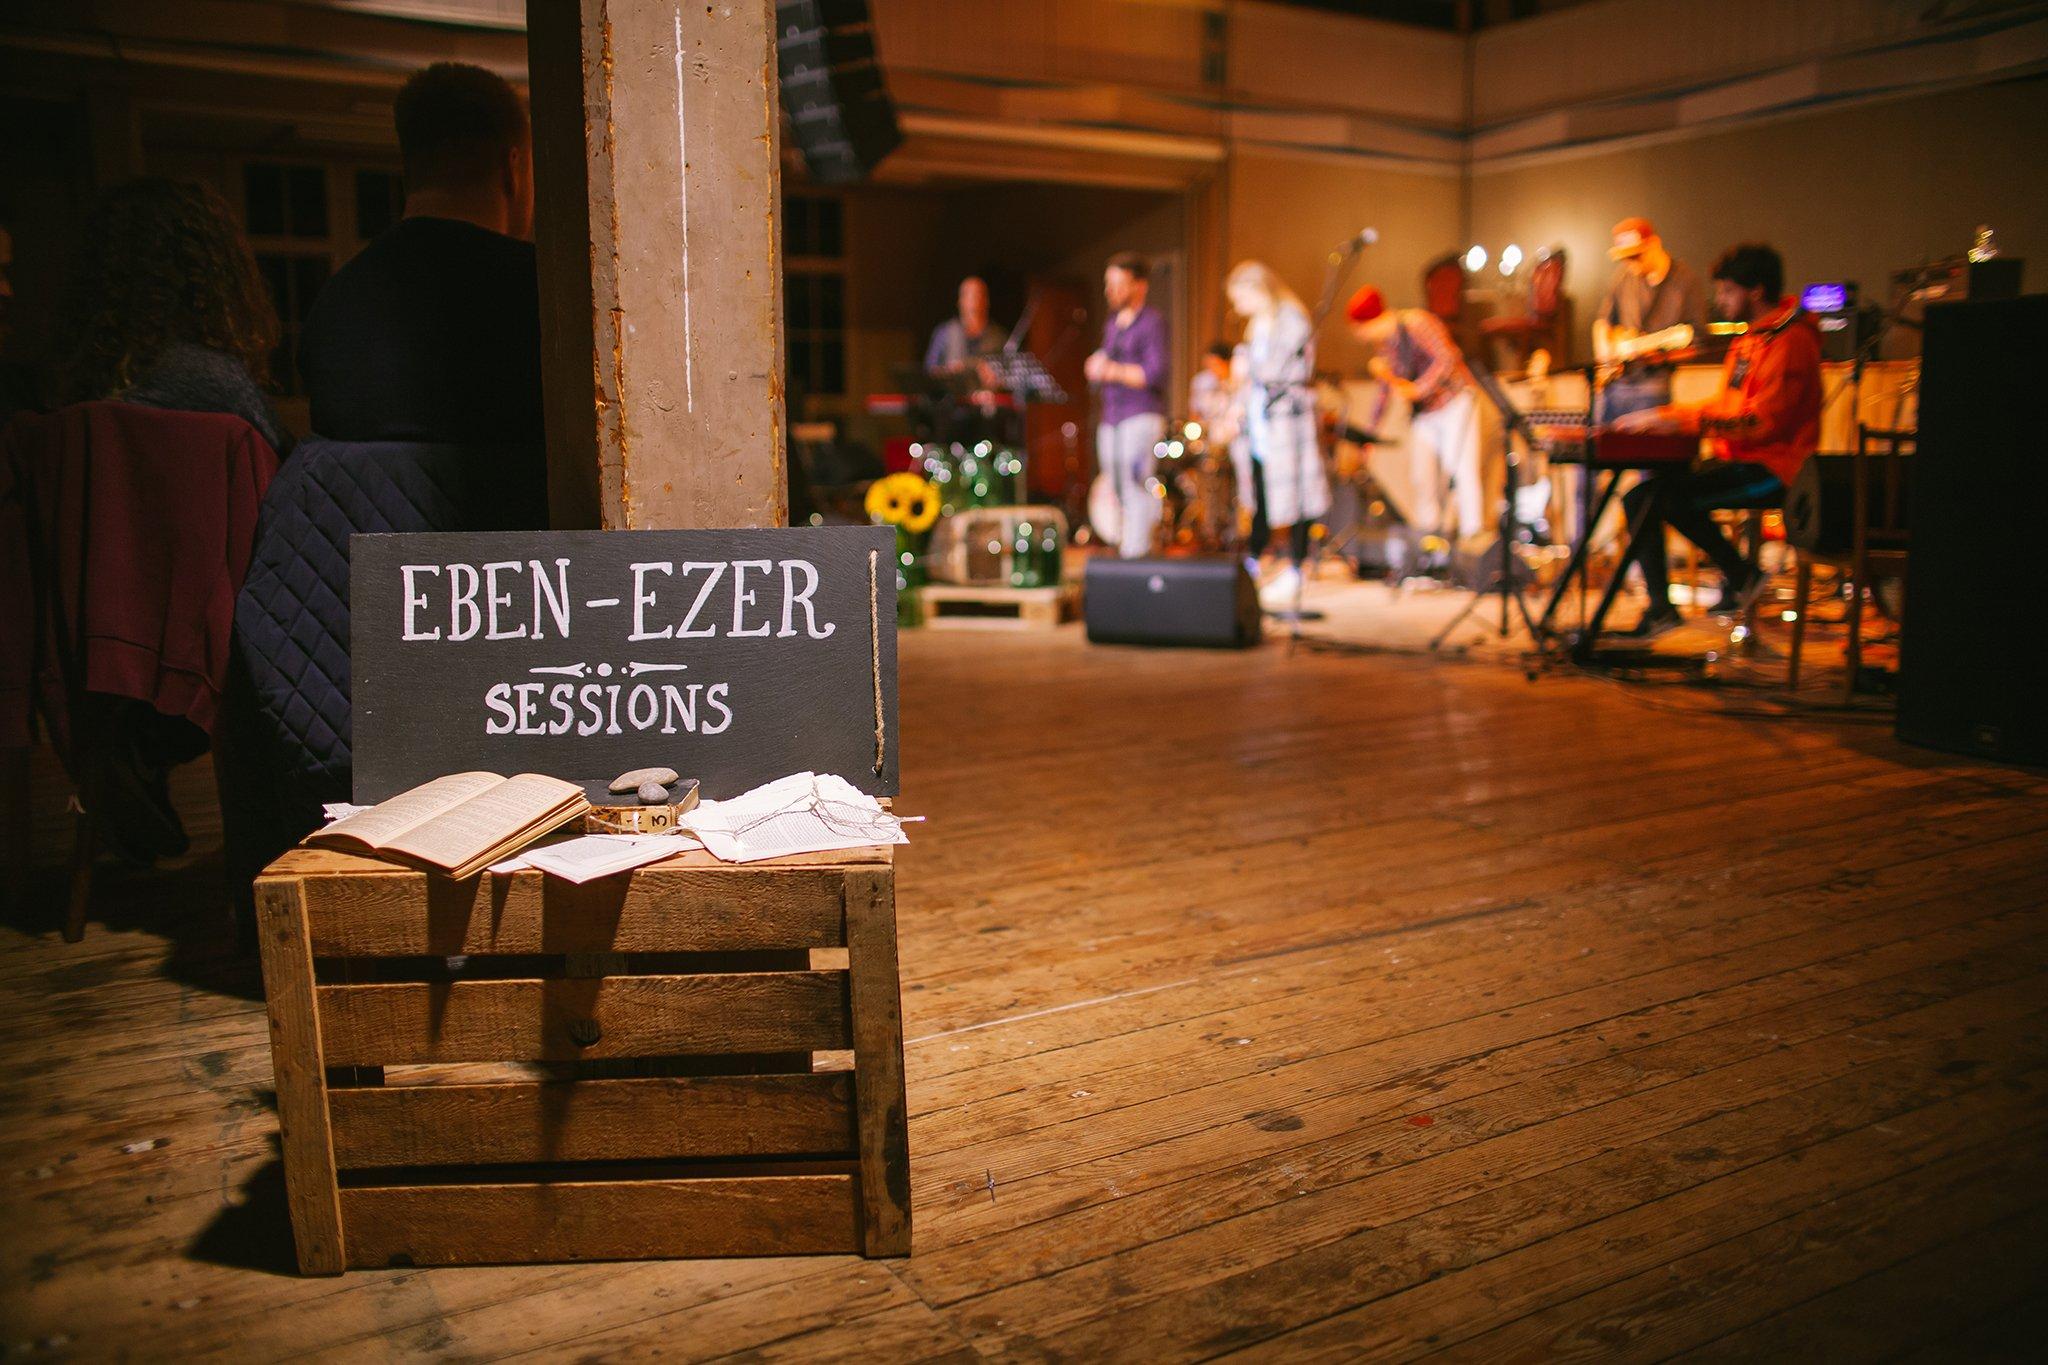 Eben-Ezer-Sessions am 18.10.2019: Deko und Band (Foto: Knut Burmeister, ALLTAG)